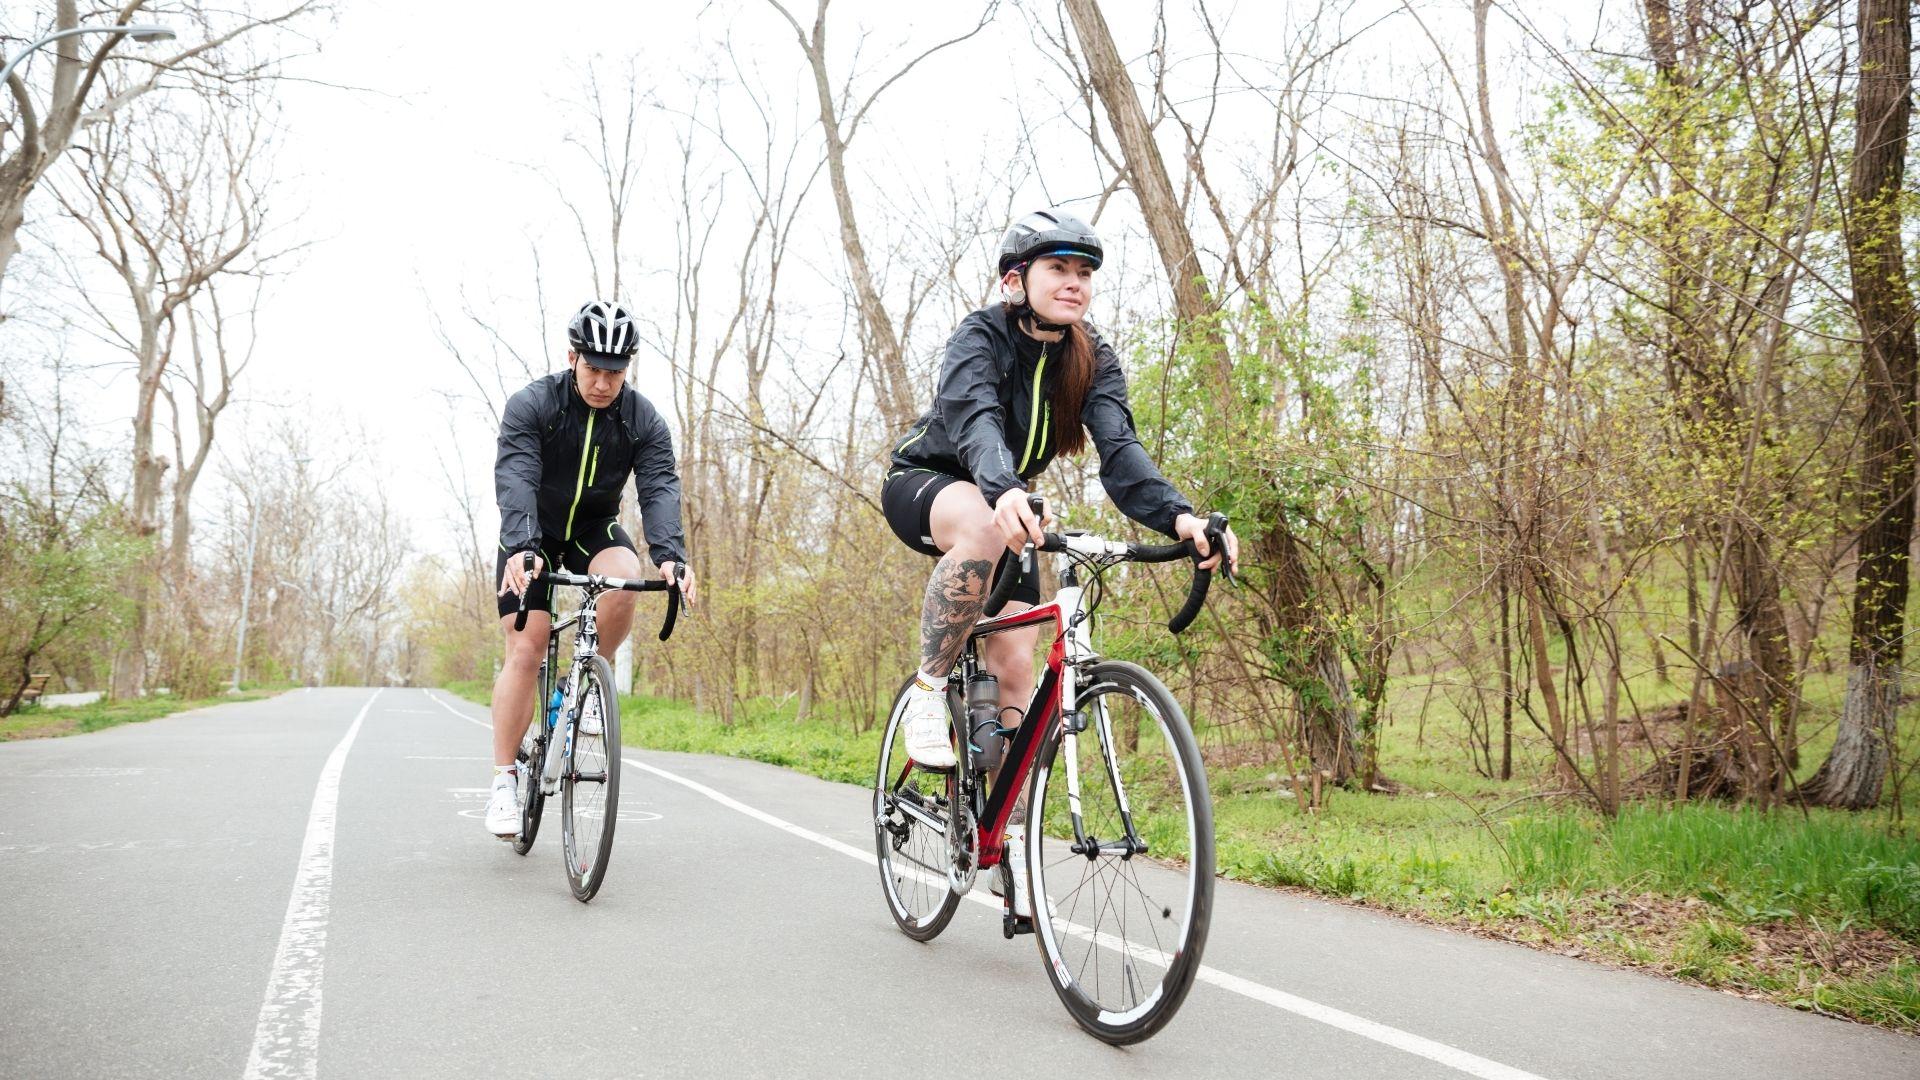 Ciclismo ¿cómo debo entrenar para prevenir lesiones y mejorar?